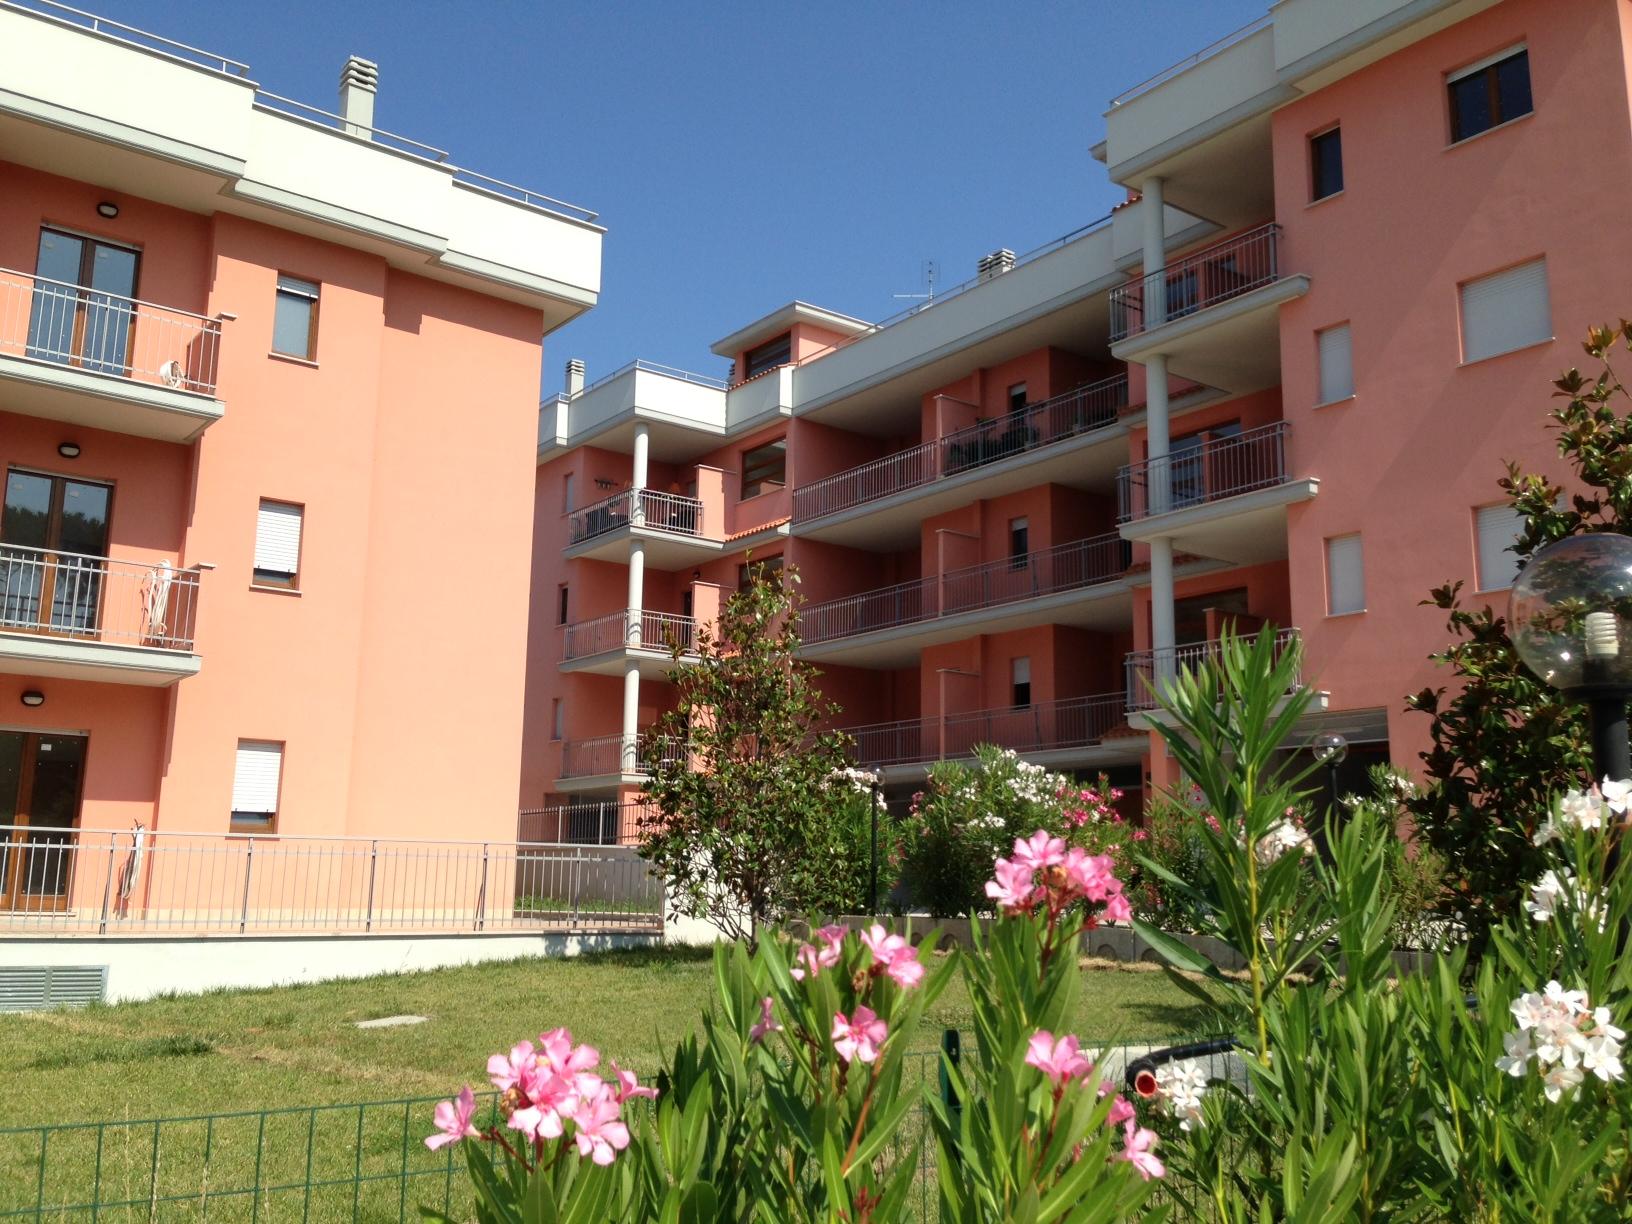 Appartamento in affitto a Fonte Nuova, 3 locali, zona Località: TorLupara, prezzo € 700   Cambio Casa.it